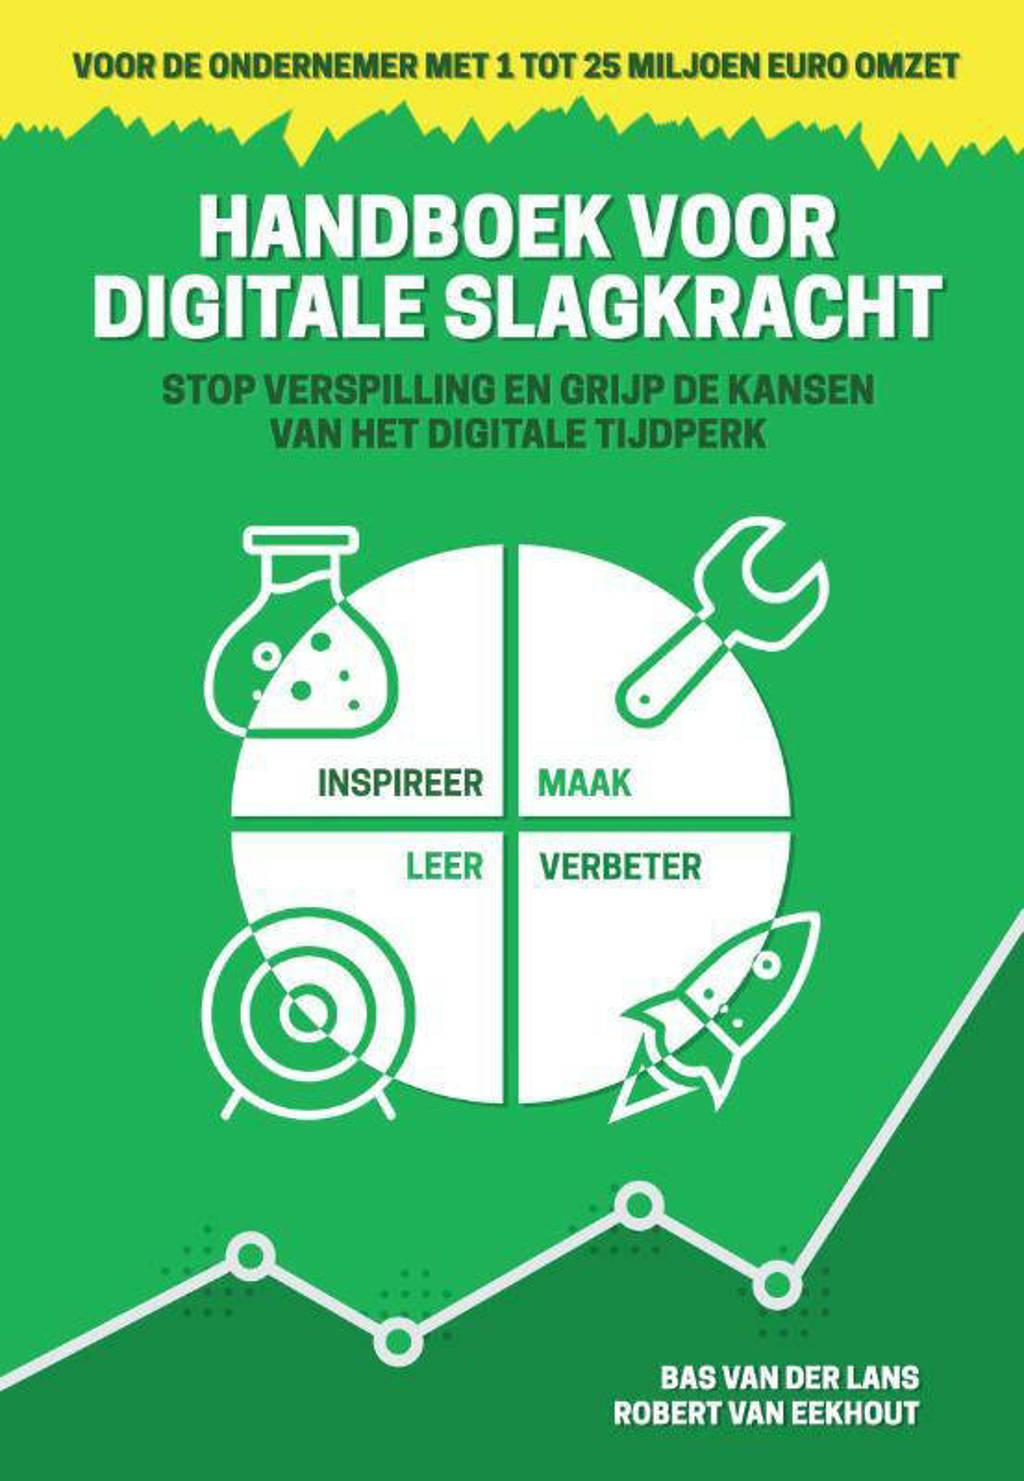 Handboek voor Digitale slagkracht - Bas van der Lans en Robert van Eekhout